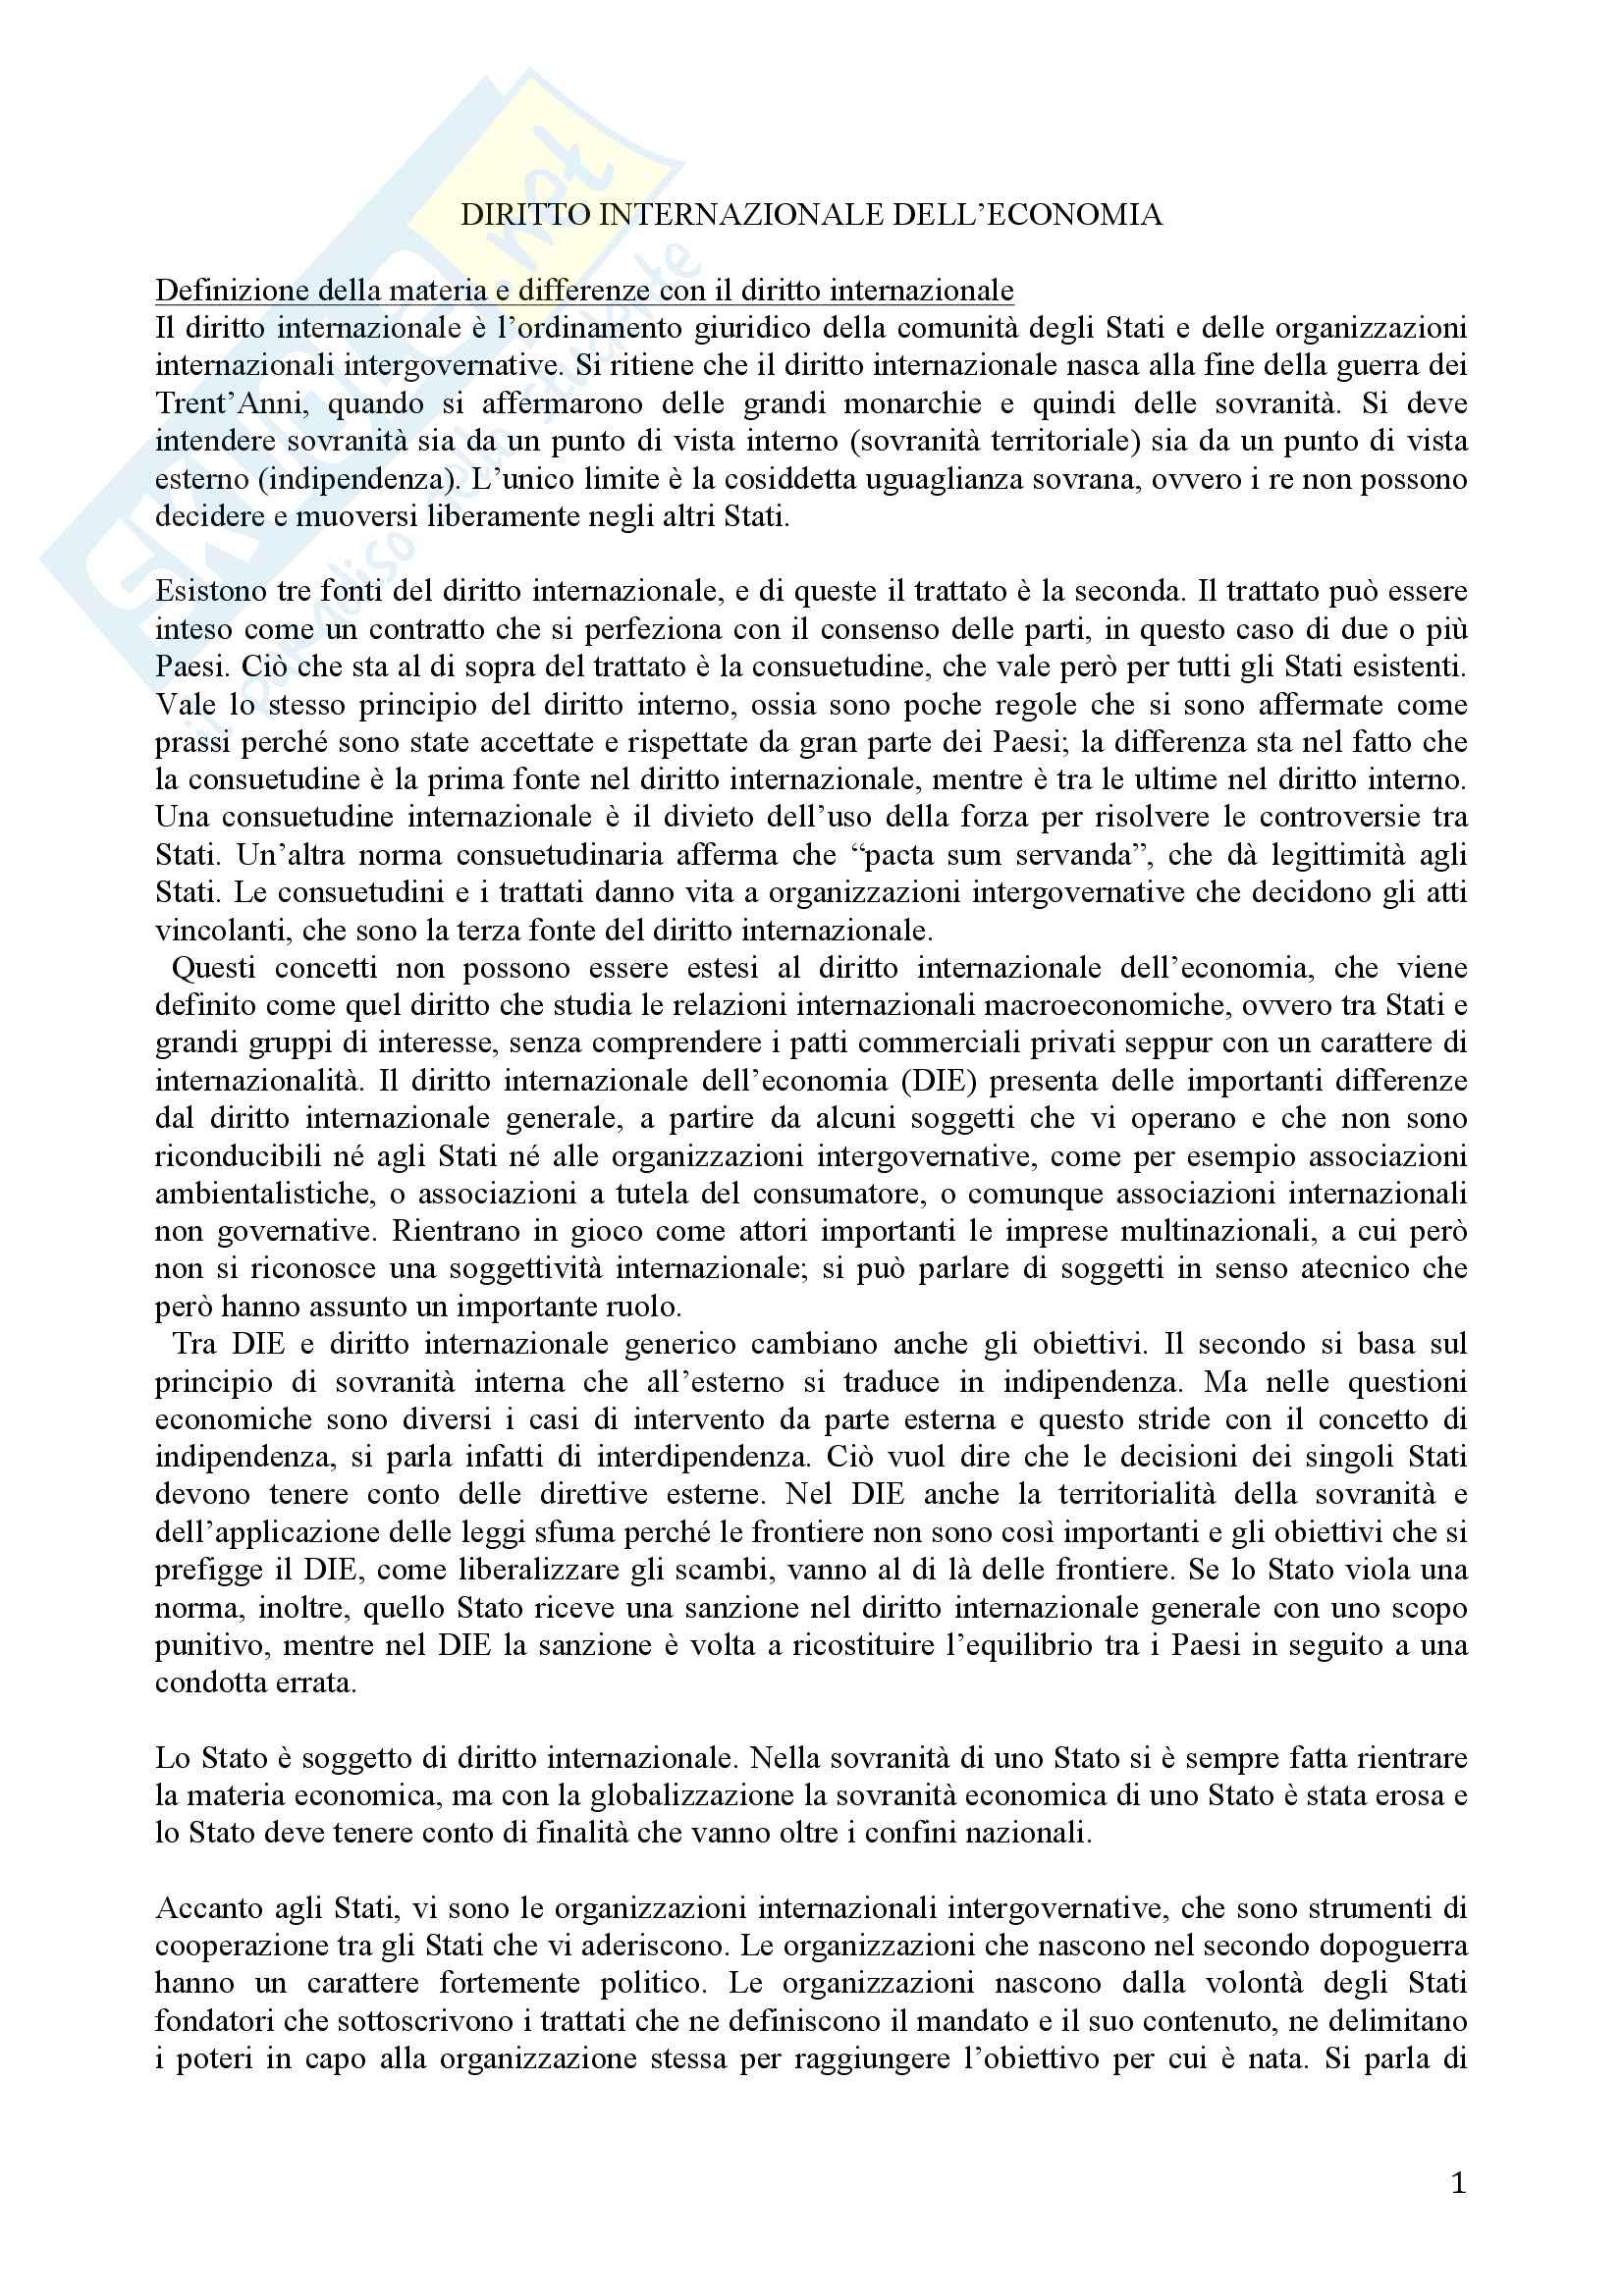 Diritto Internazionale dell'Economia